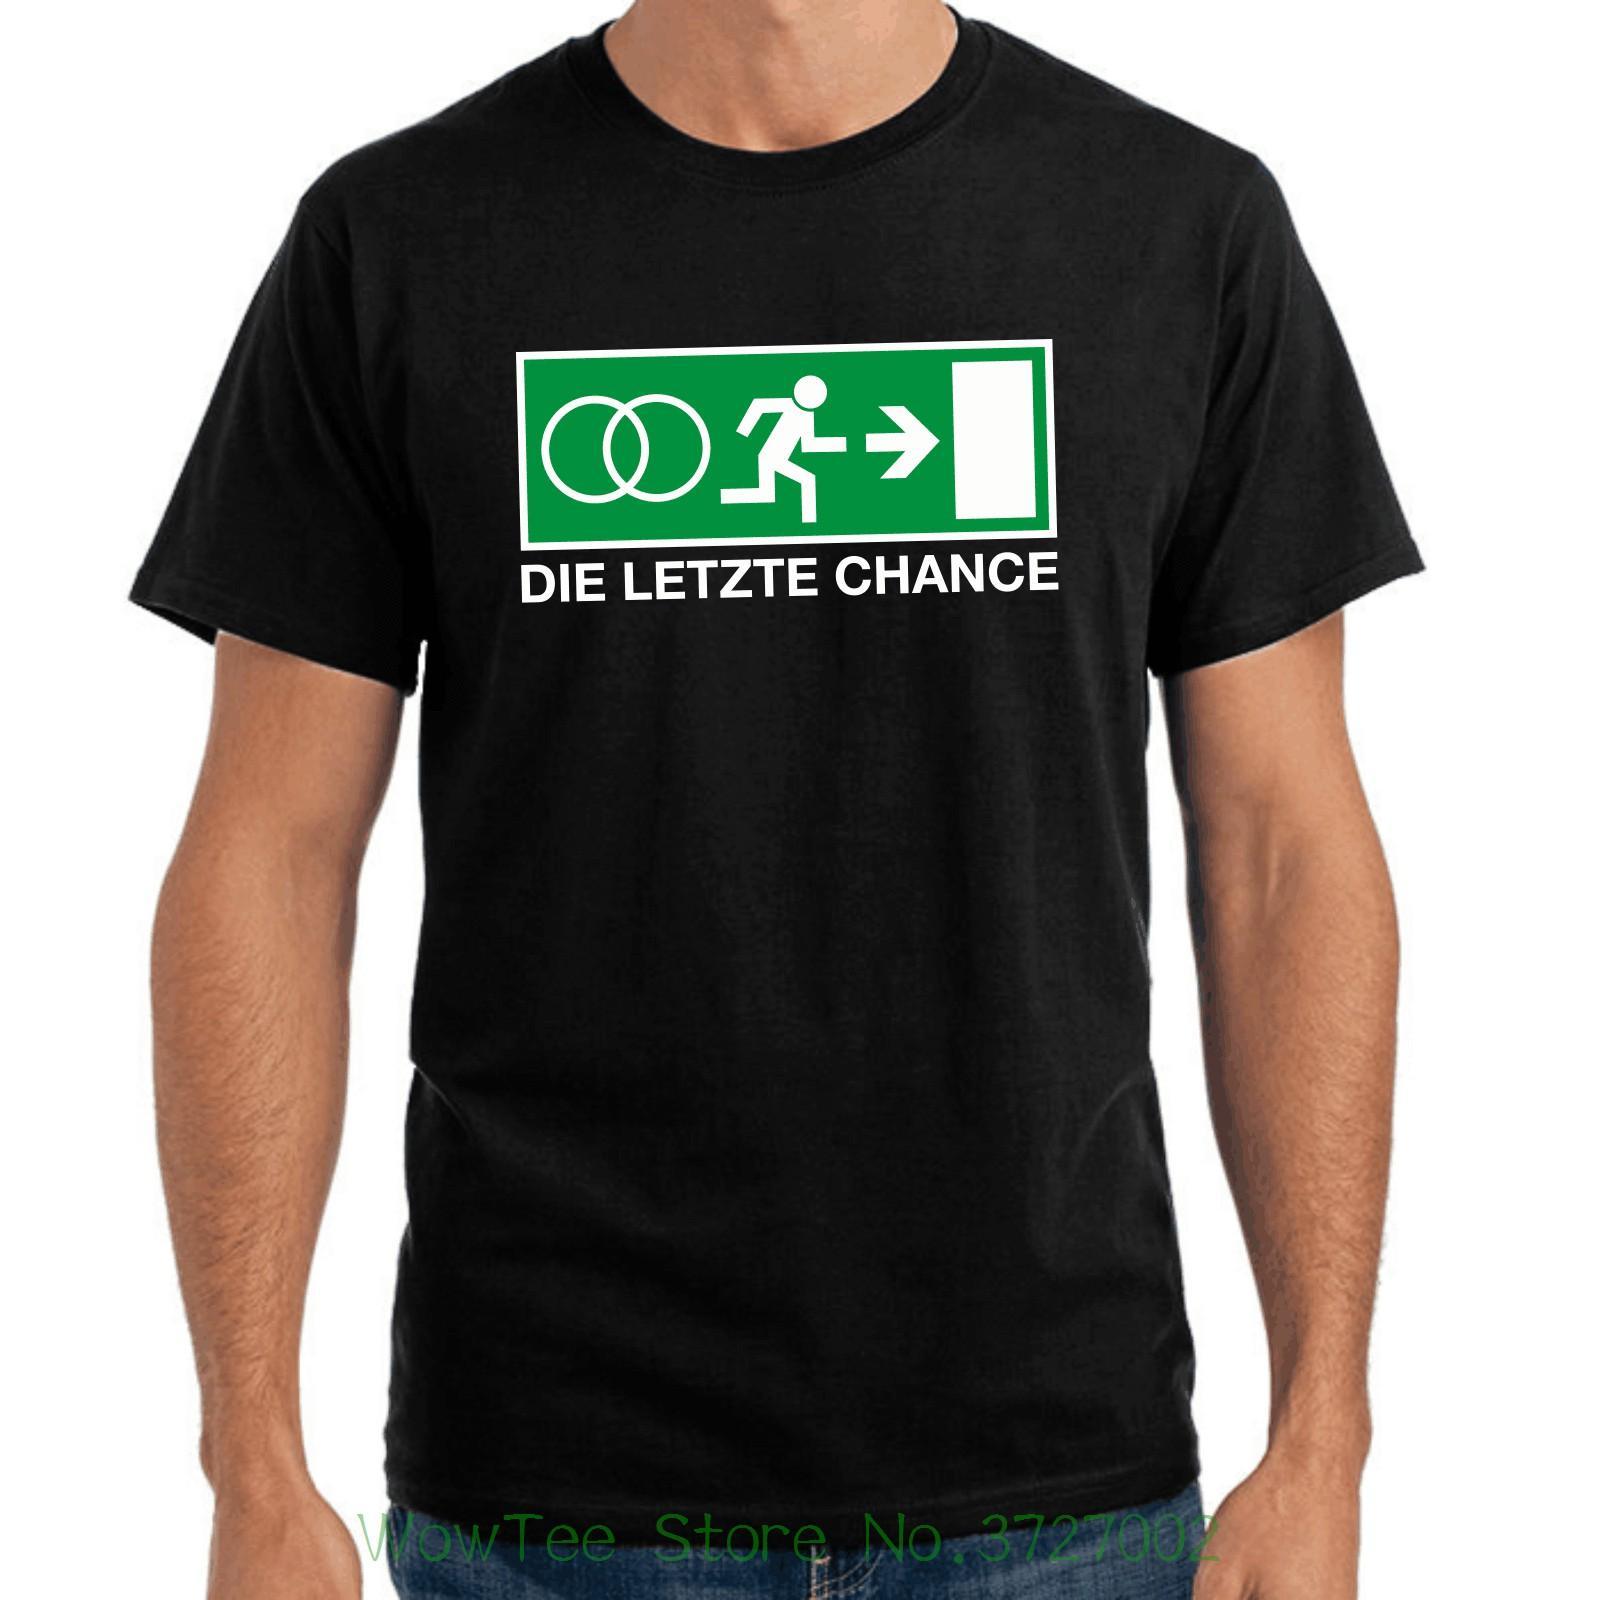 Fantastisch Die Letzte Chance Junggesellenabschied Spruche Spa Fun S Xxl T Shirt Male  Best Selling Online Shirts T Shirt Design Online From Wowteestore, $25.21|  DHgate.